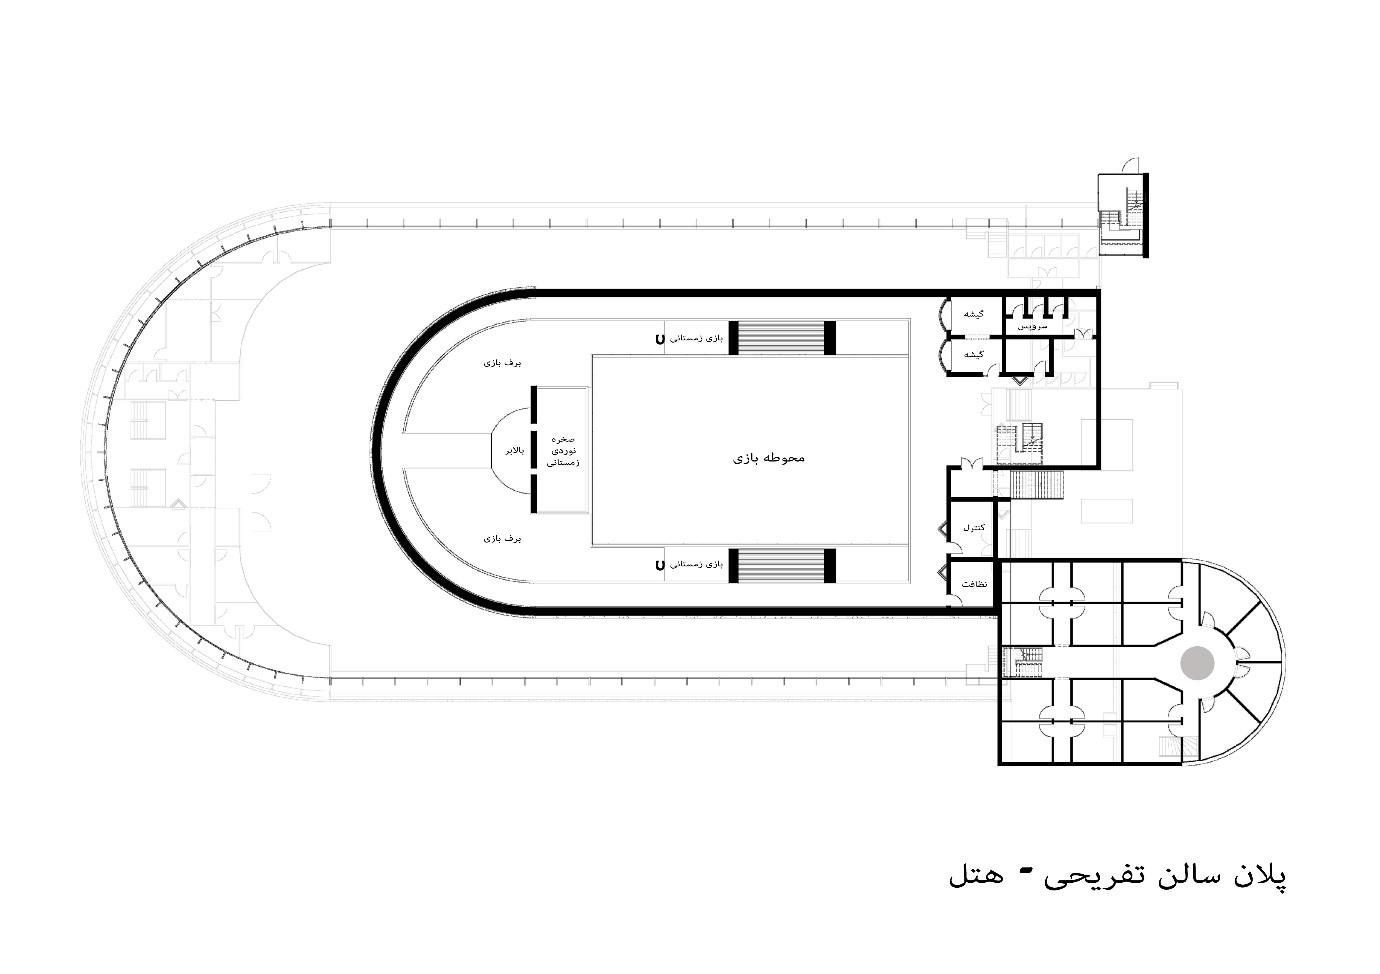 پلان طبقه اول